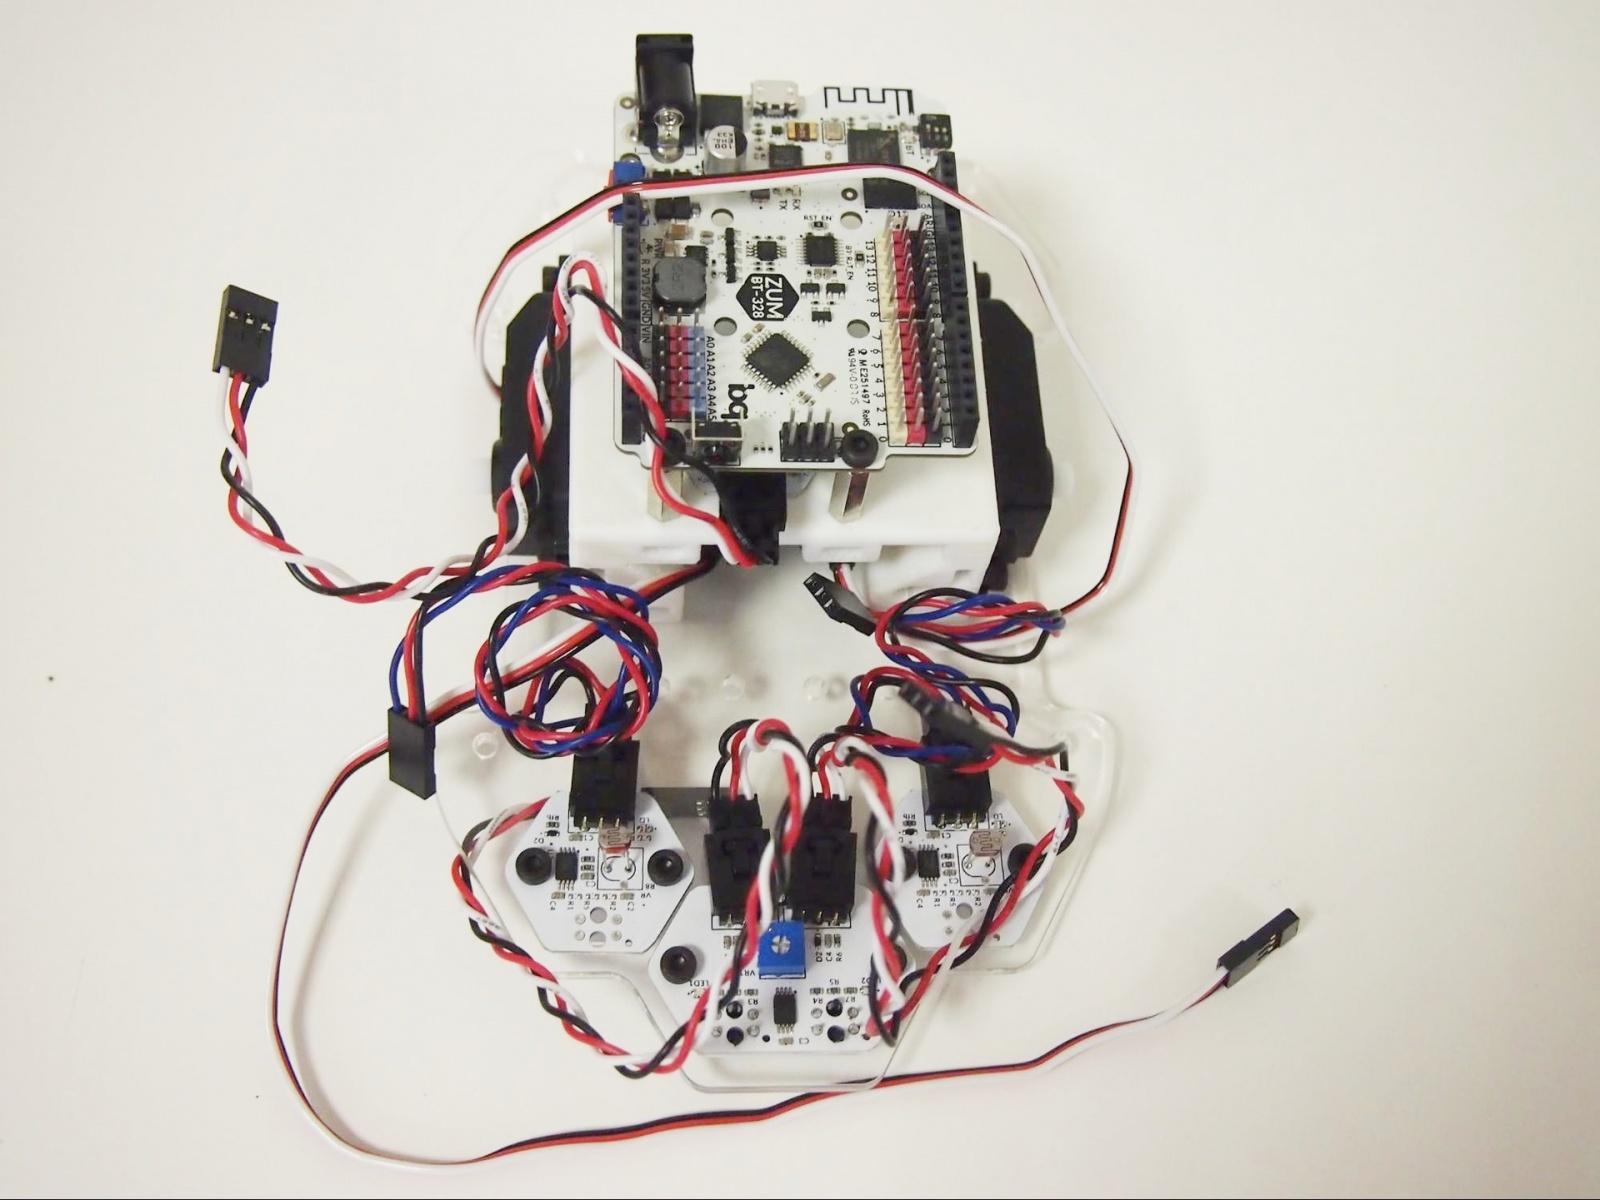 DIY Робот или эволюция в комплекте - 15